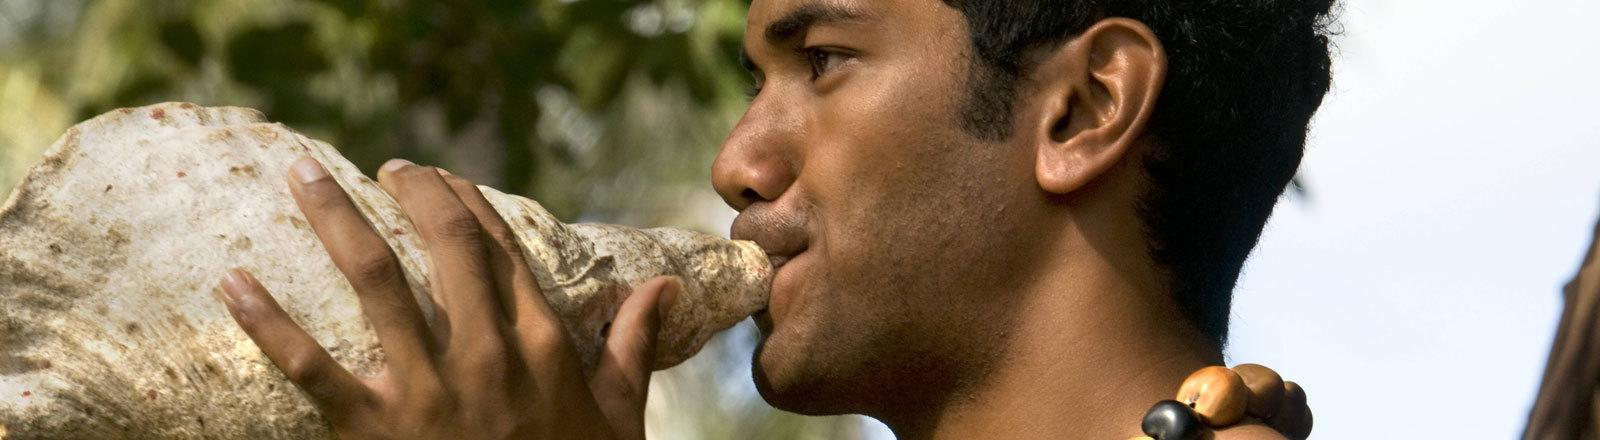 Das polynesische Volk der Tonga hat einst Warntöne mit Muschelschalen ausgestoßen, um die Mitglieder des Stammes zu warnen.